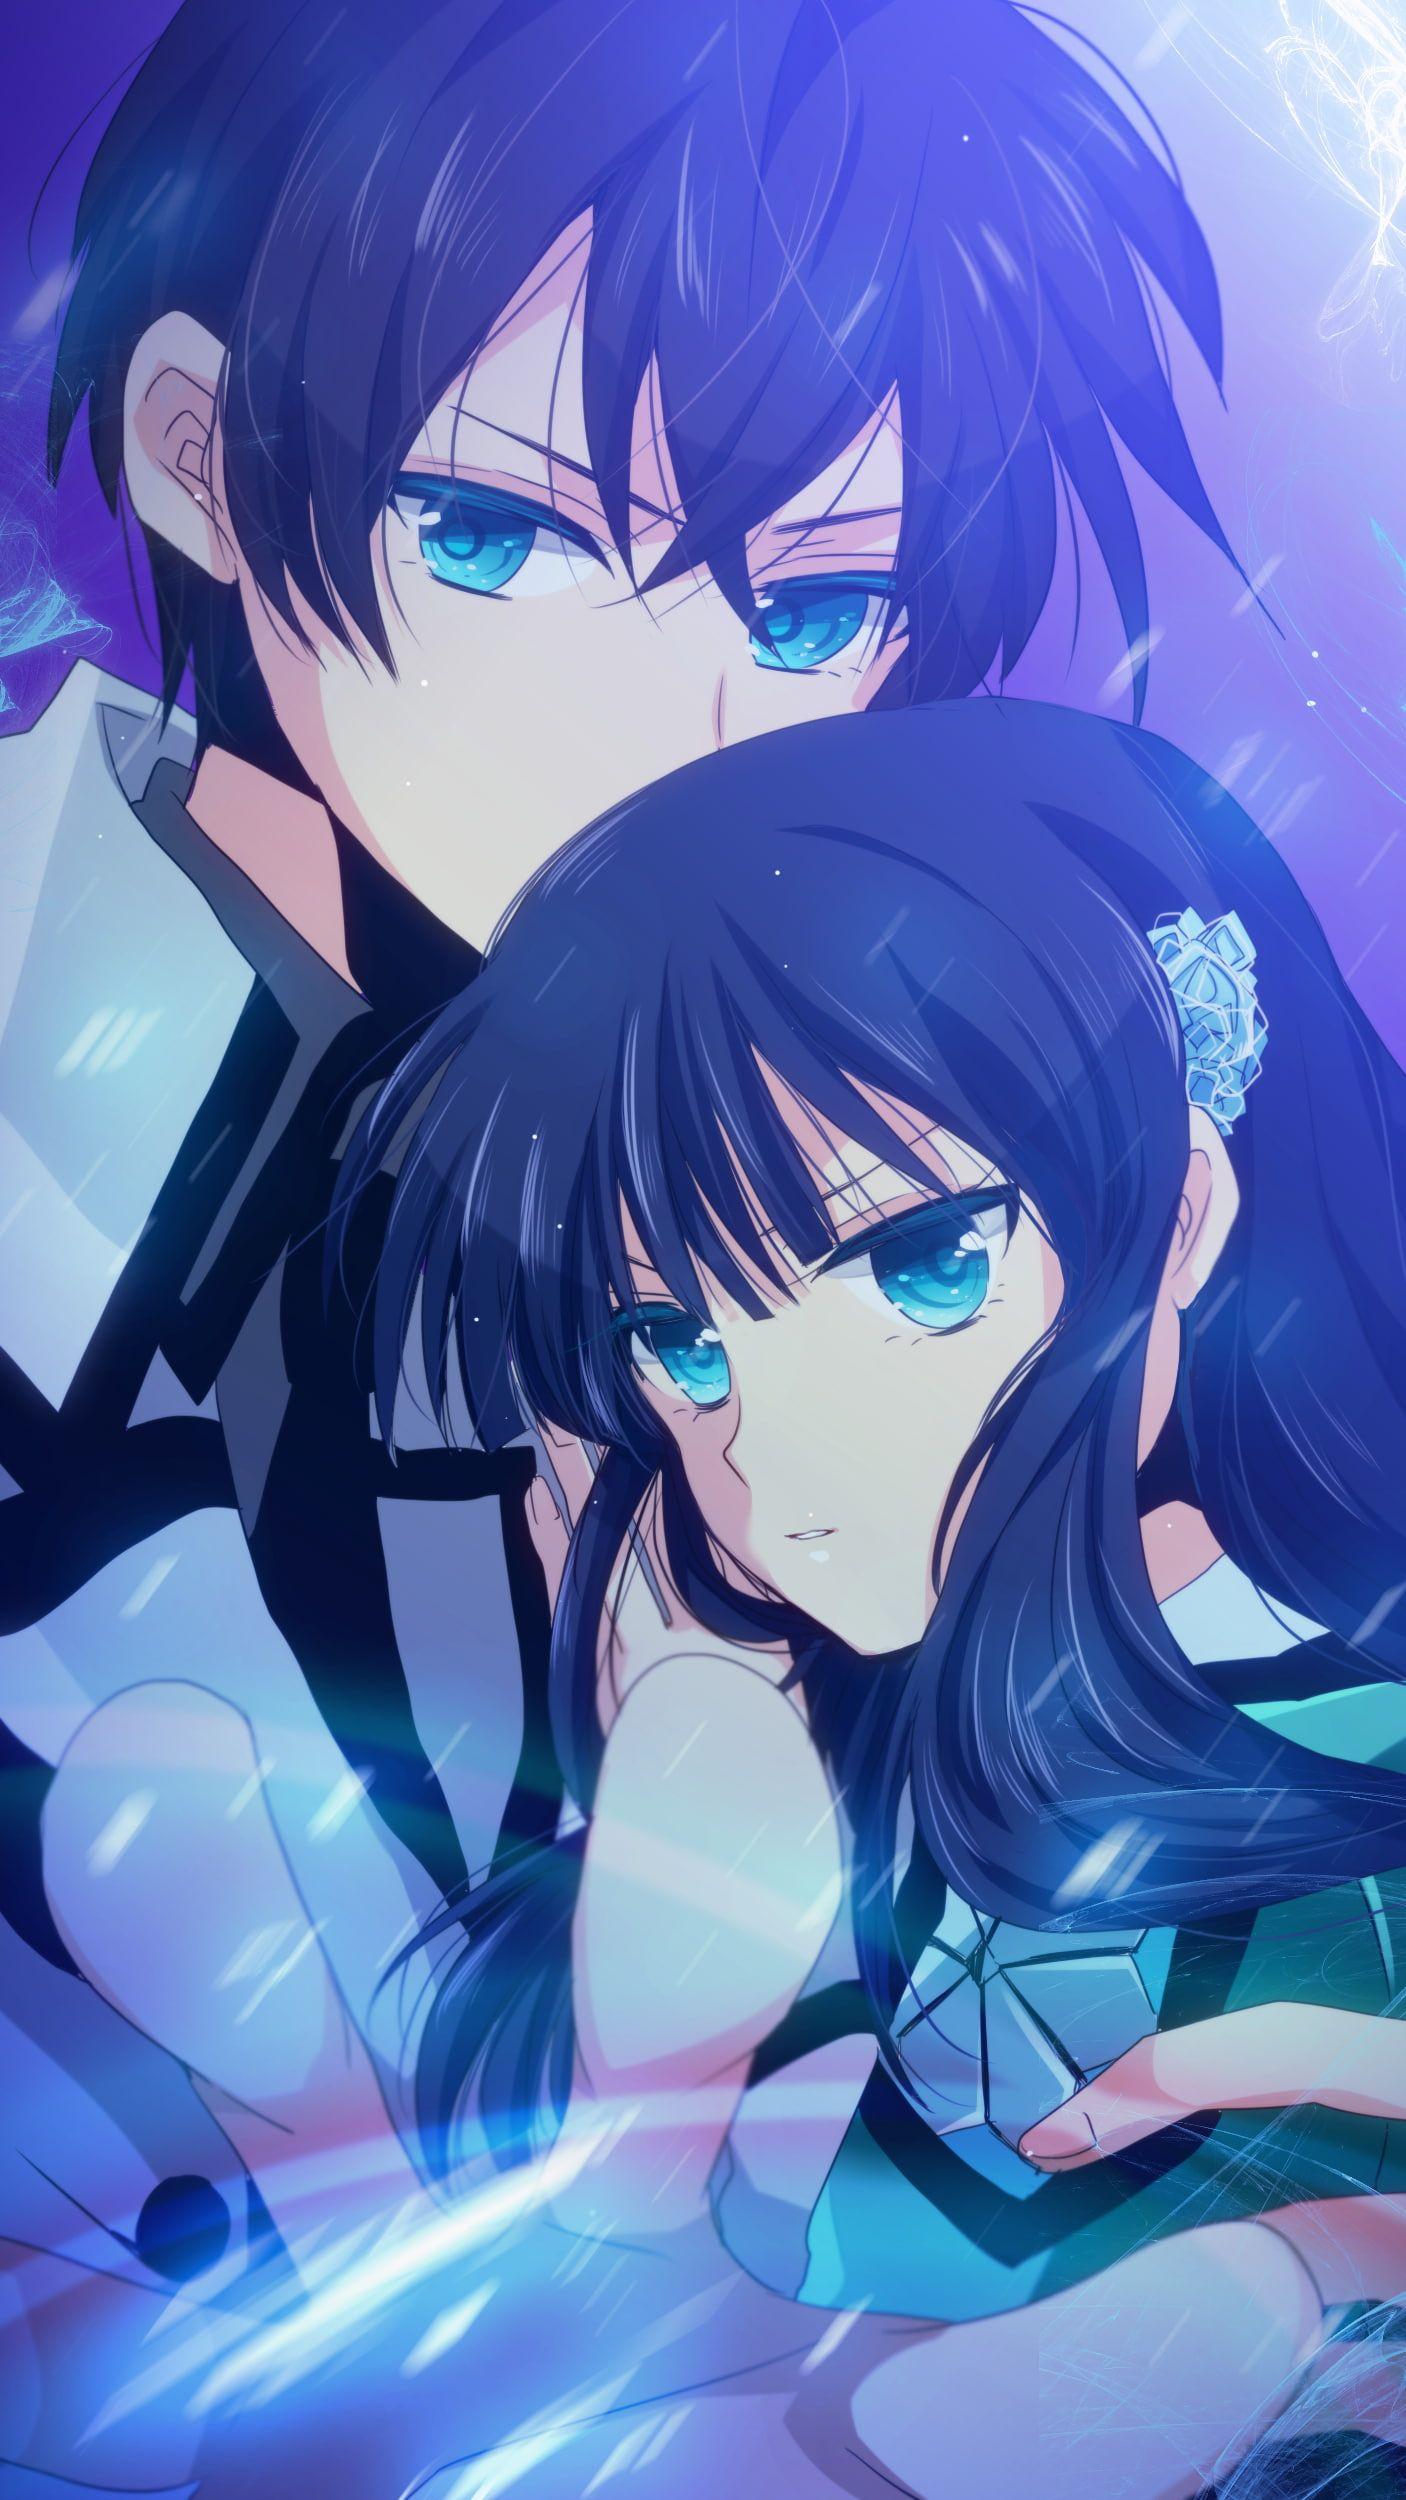 HD wallpaper: anime, Mahouka Koukou no Rettousei, Shiba Tatsuya, Shiba Miyuki